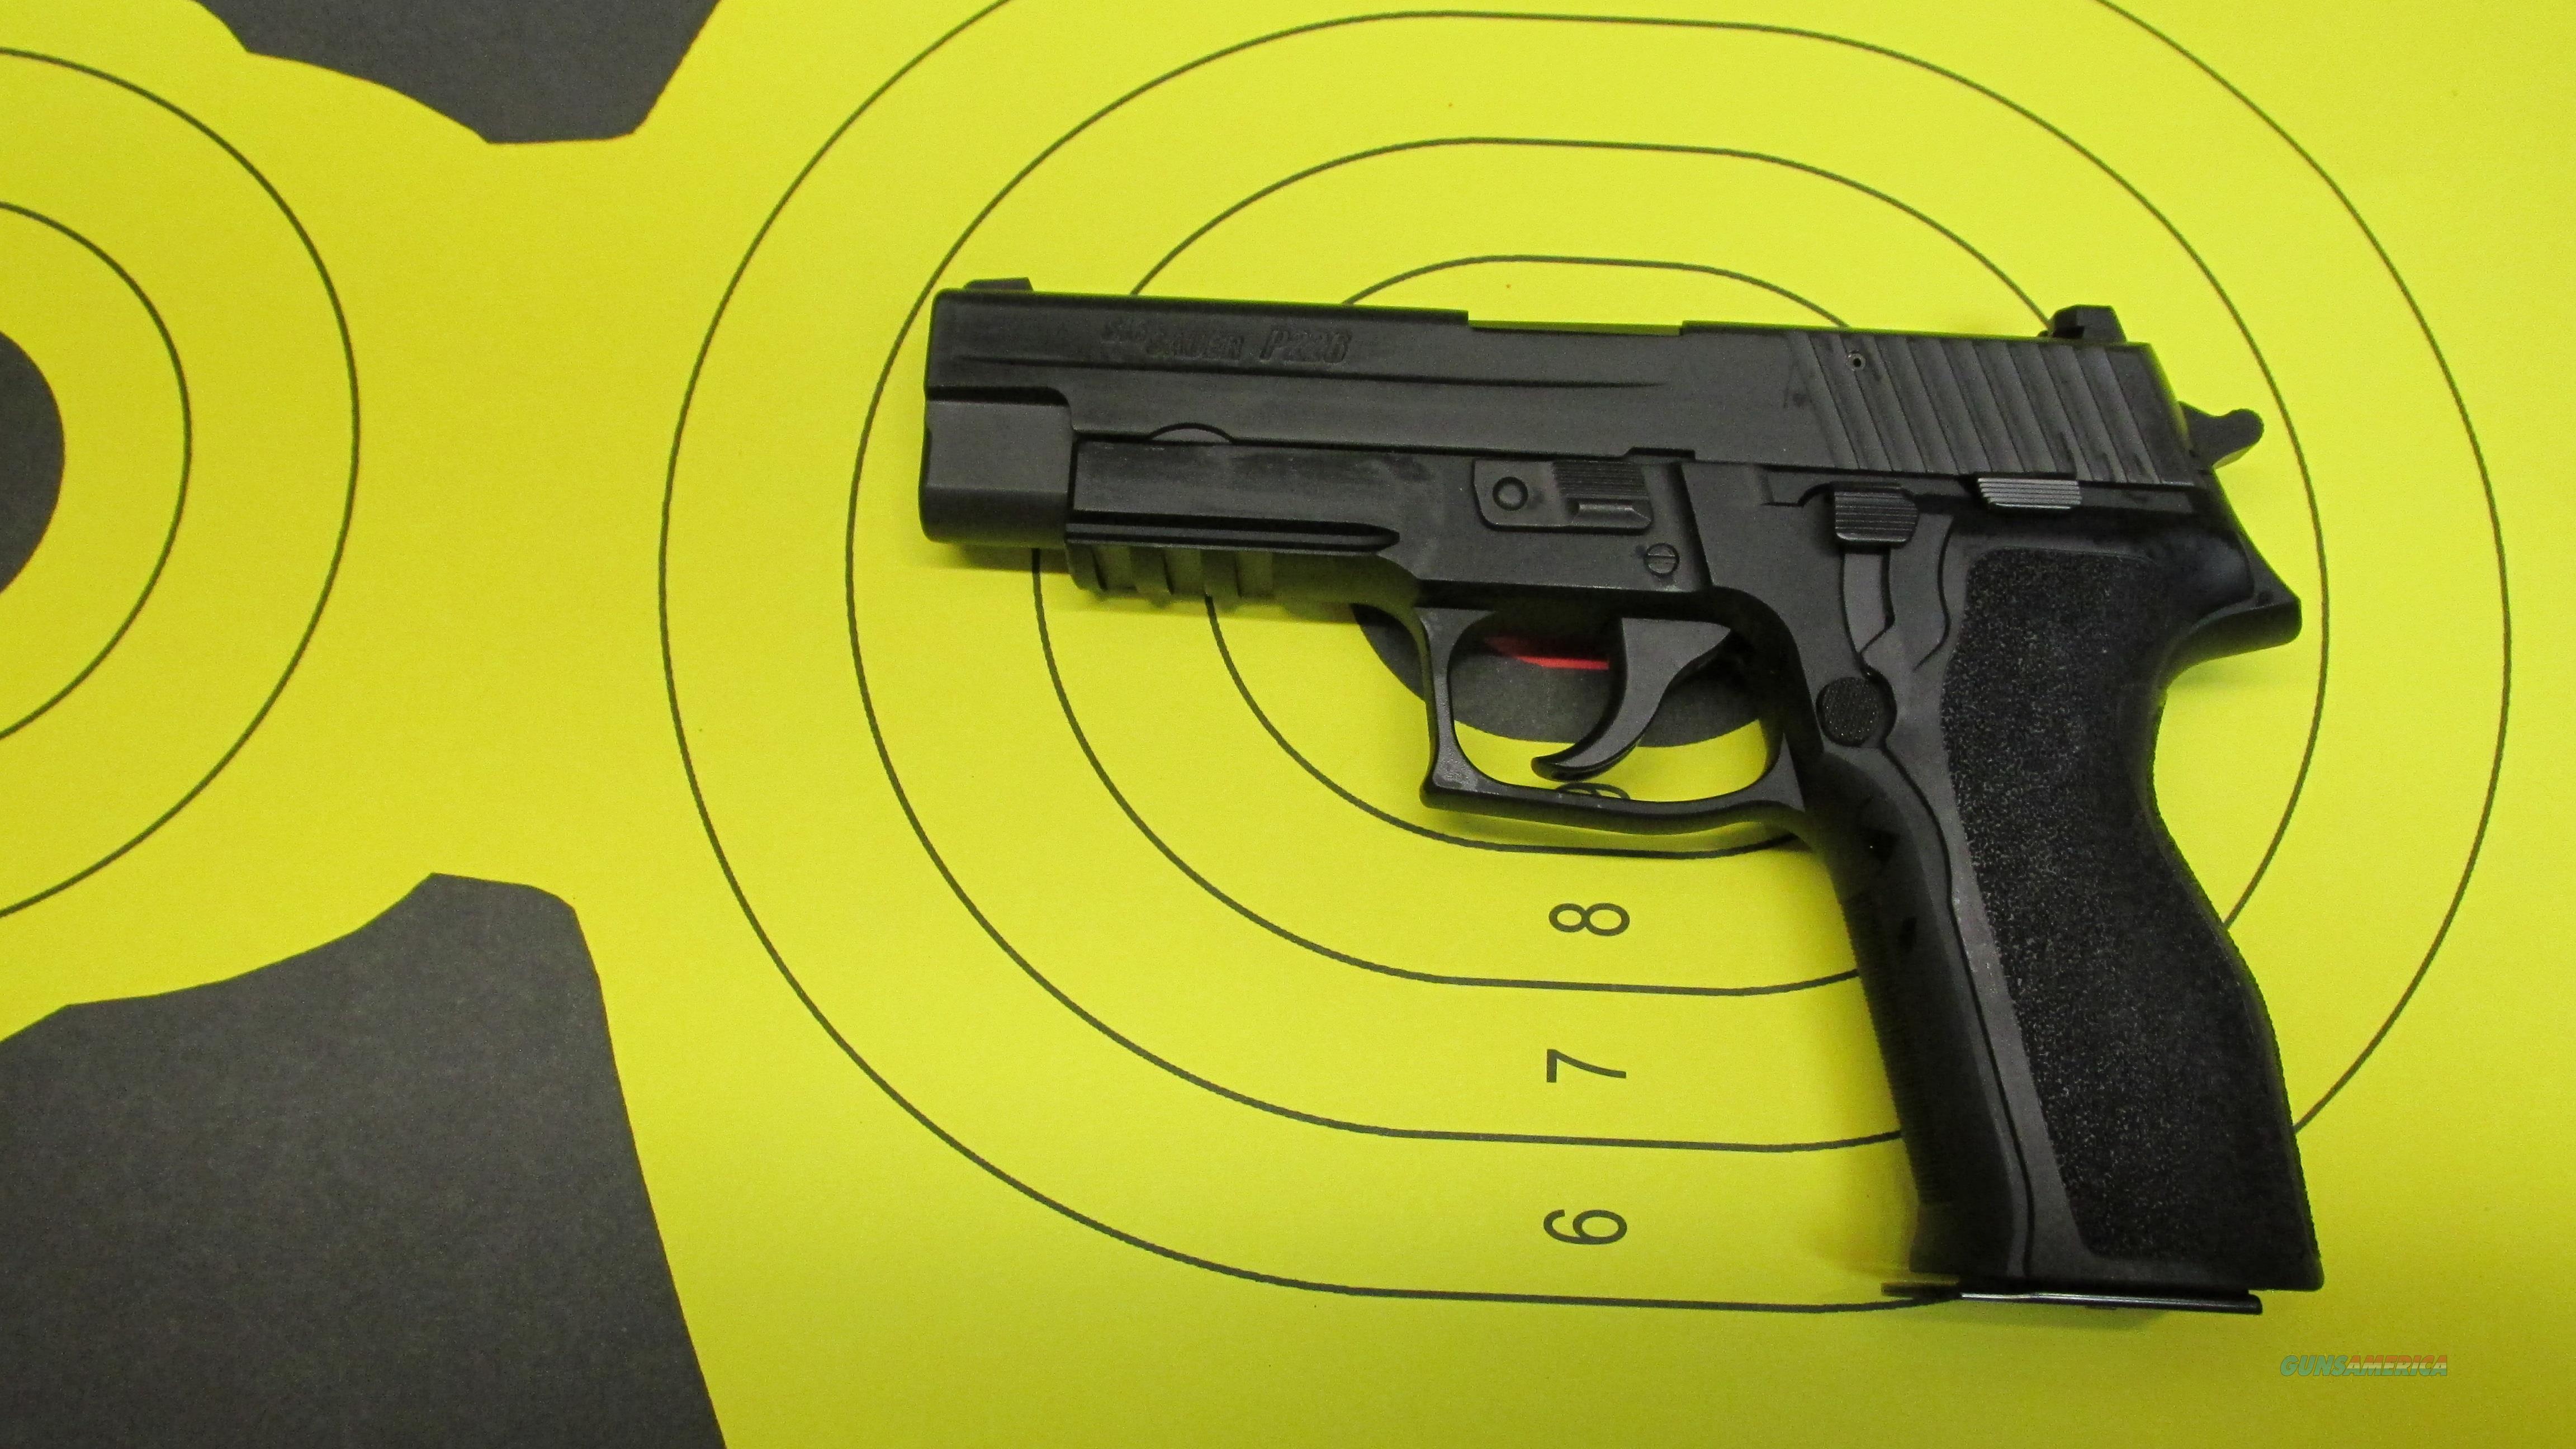 """SIG SAUER P226R 9MM 4.25"""" BARREL 15 ROUND MAGAZINE (2)  Guns > Pistols > Sig - Sauer/Sigarms Pistols > P226"""